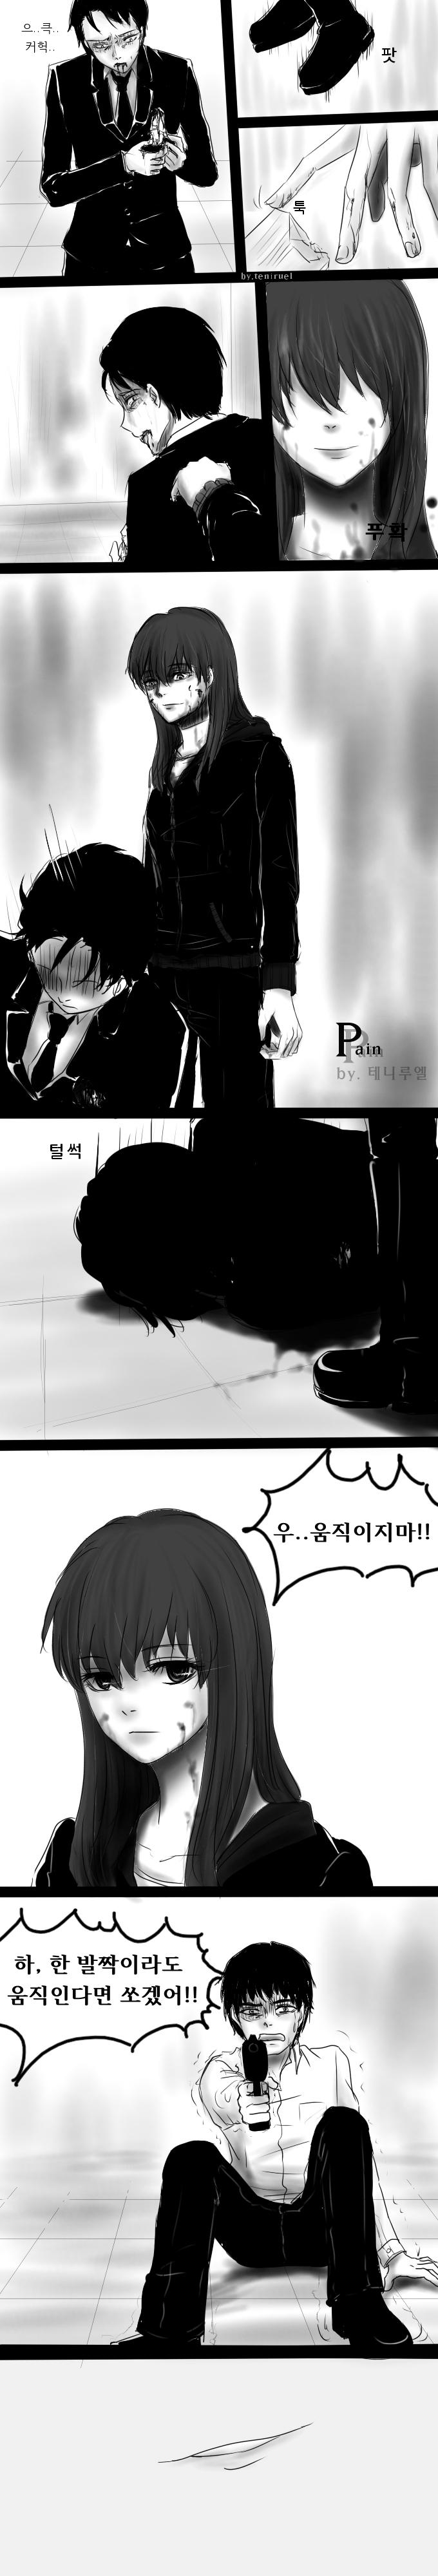 [리메이크] Pain